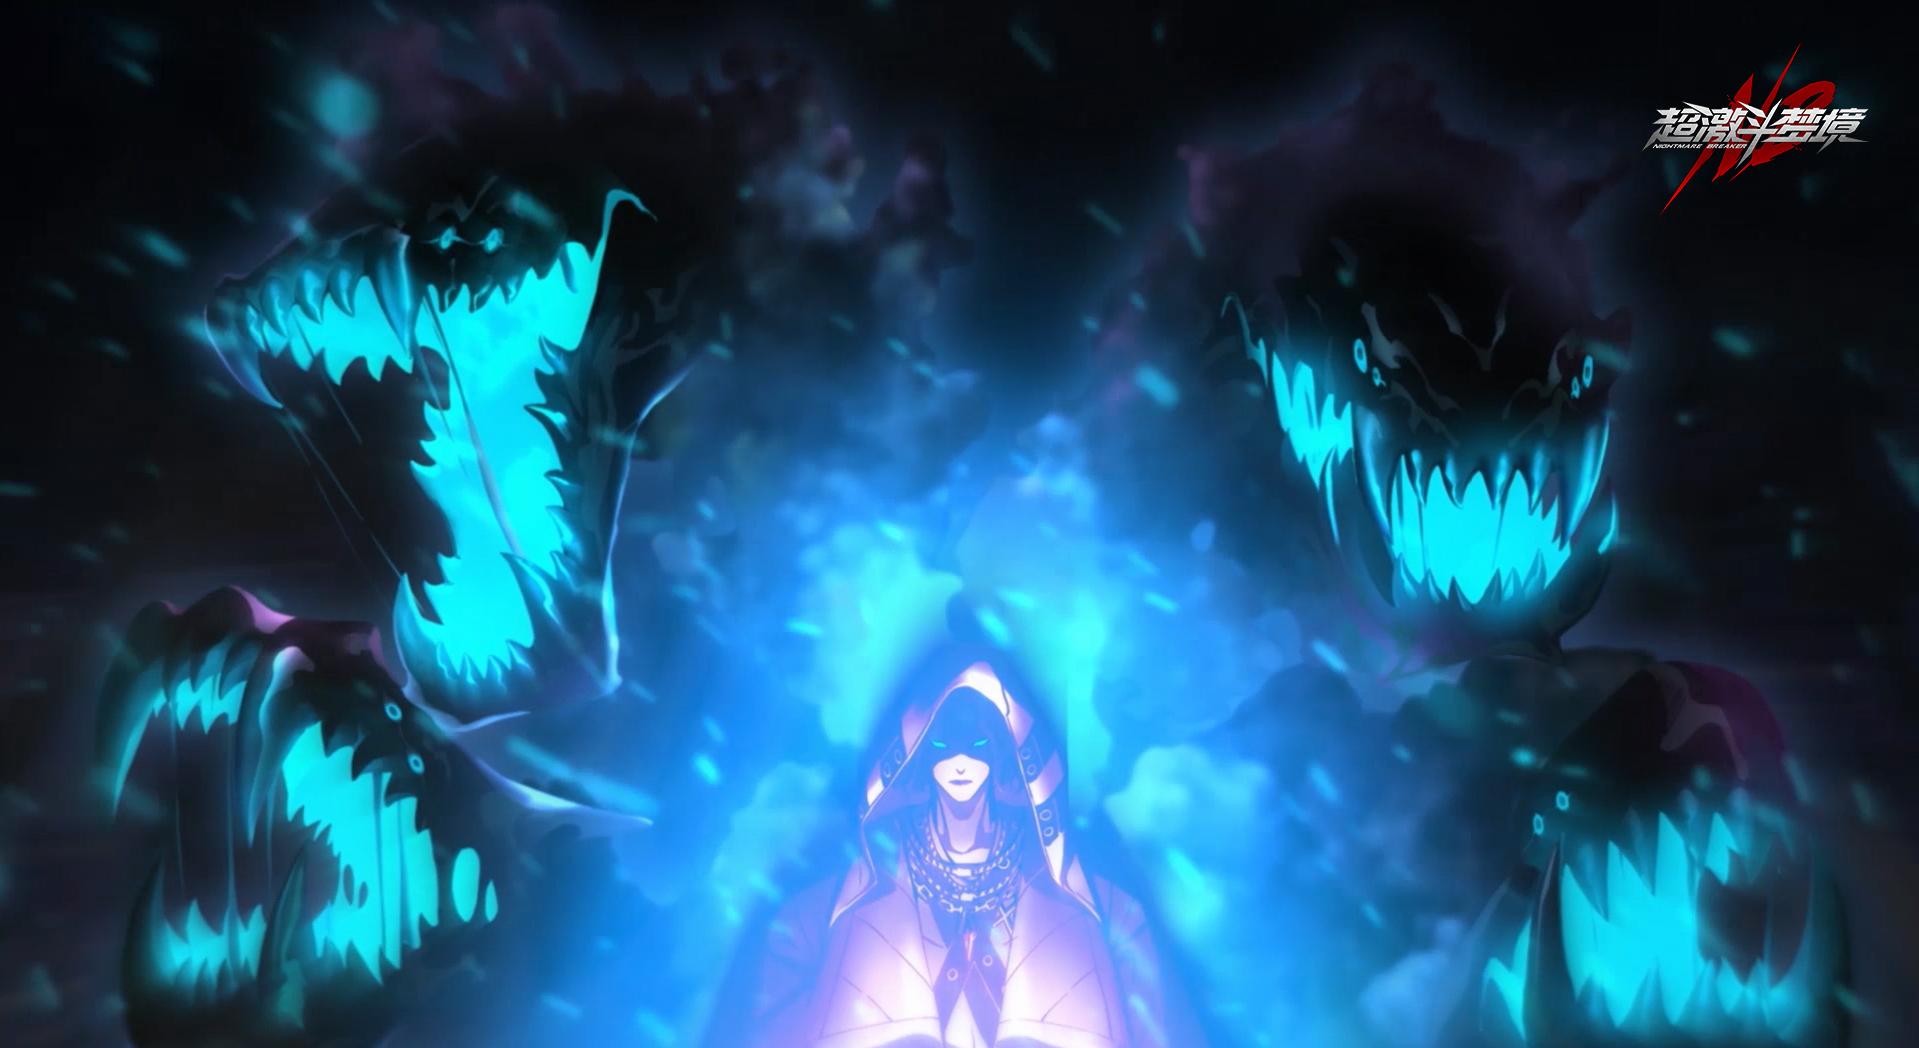 《超激斗梦境》终极测试定档9.10!玩法更新抢先看